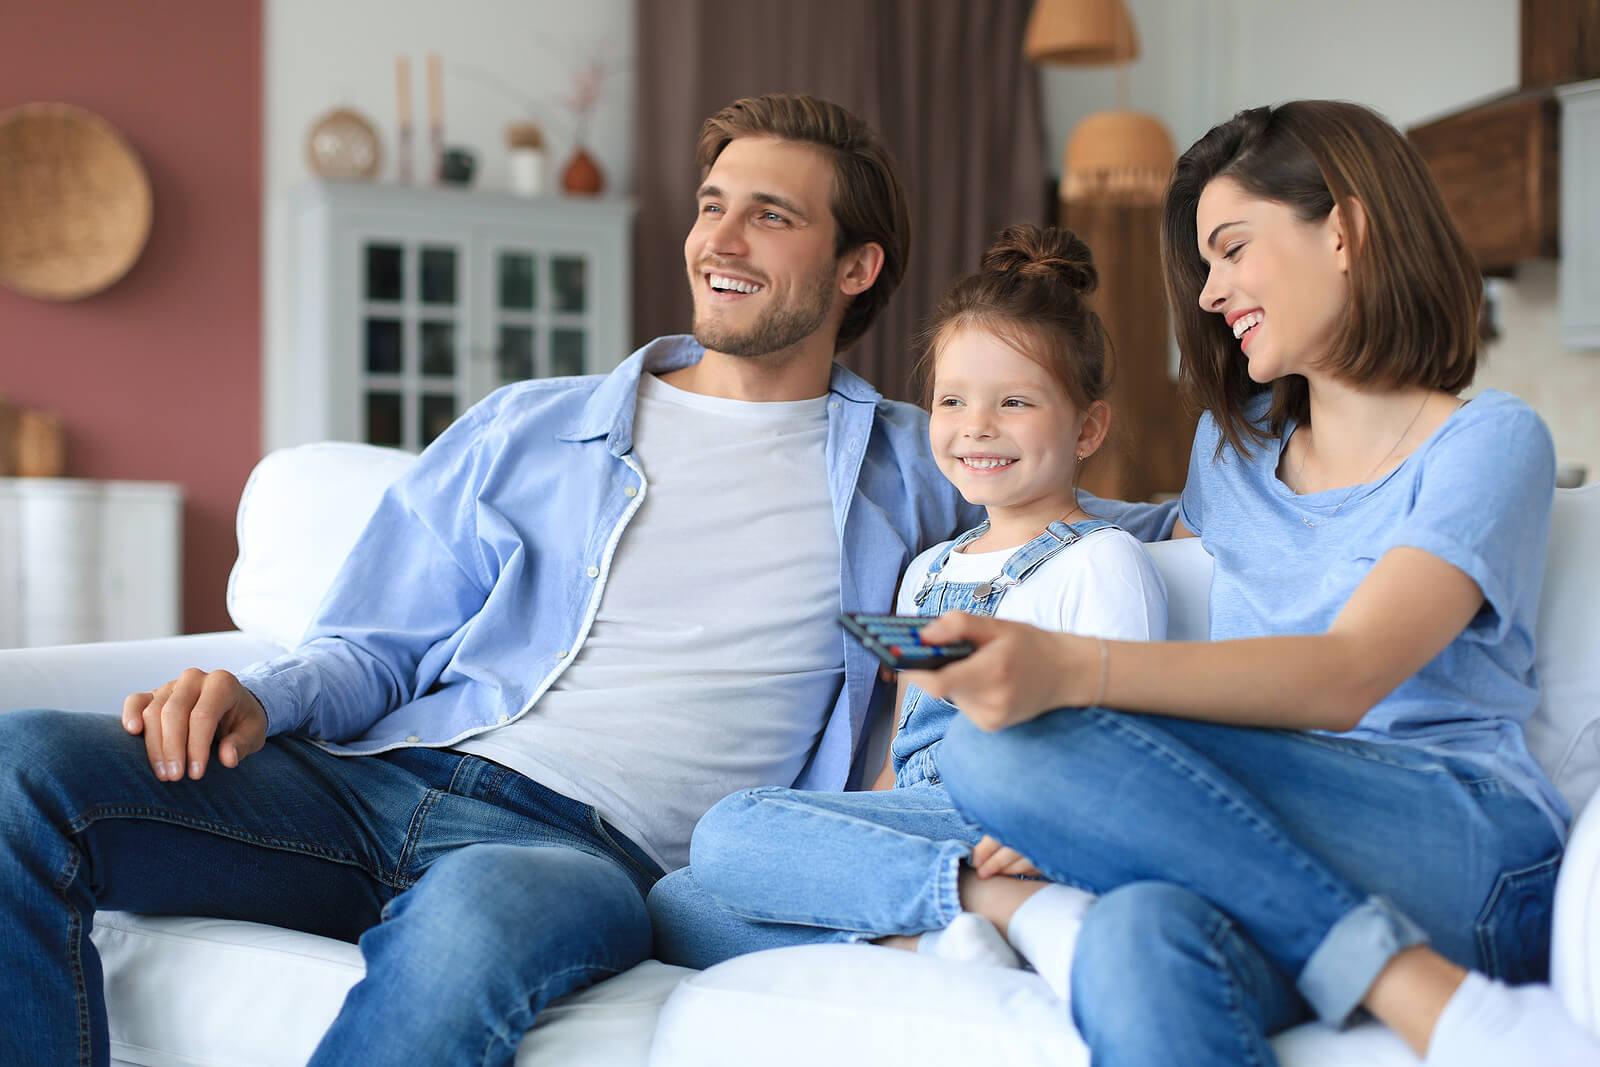 Padre viendo una película con su hija para desarrollar su sentido crítico.